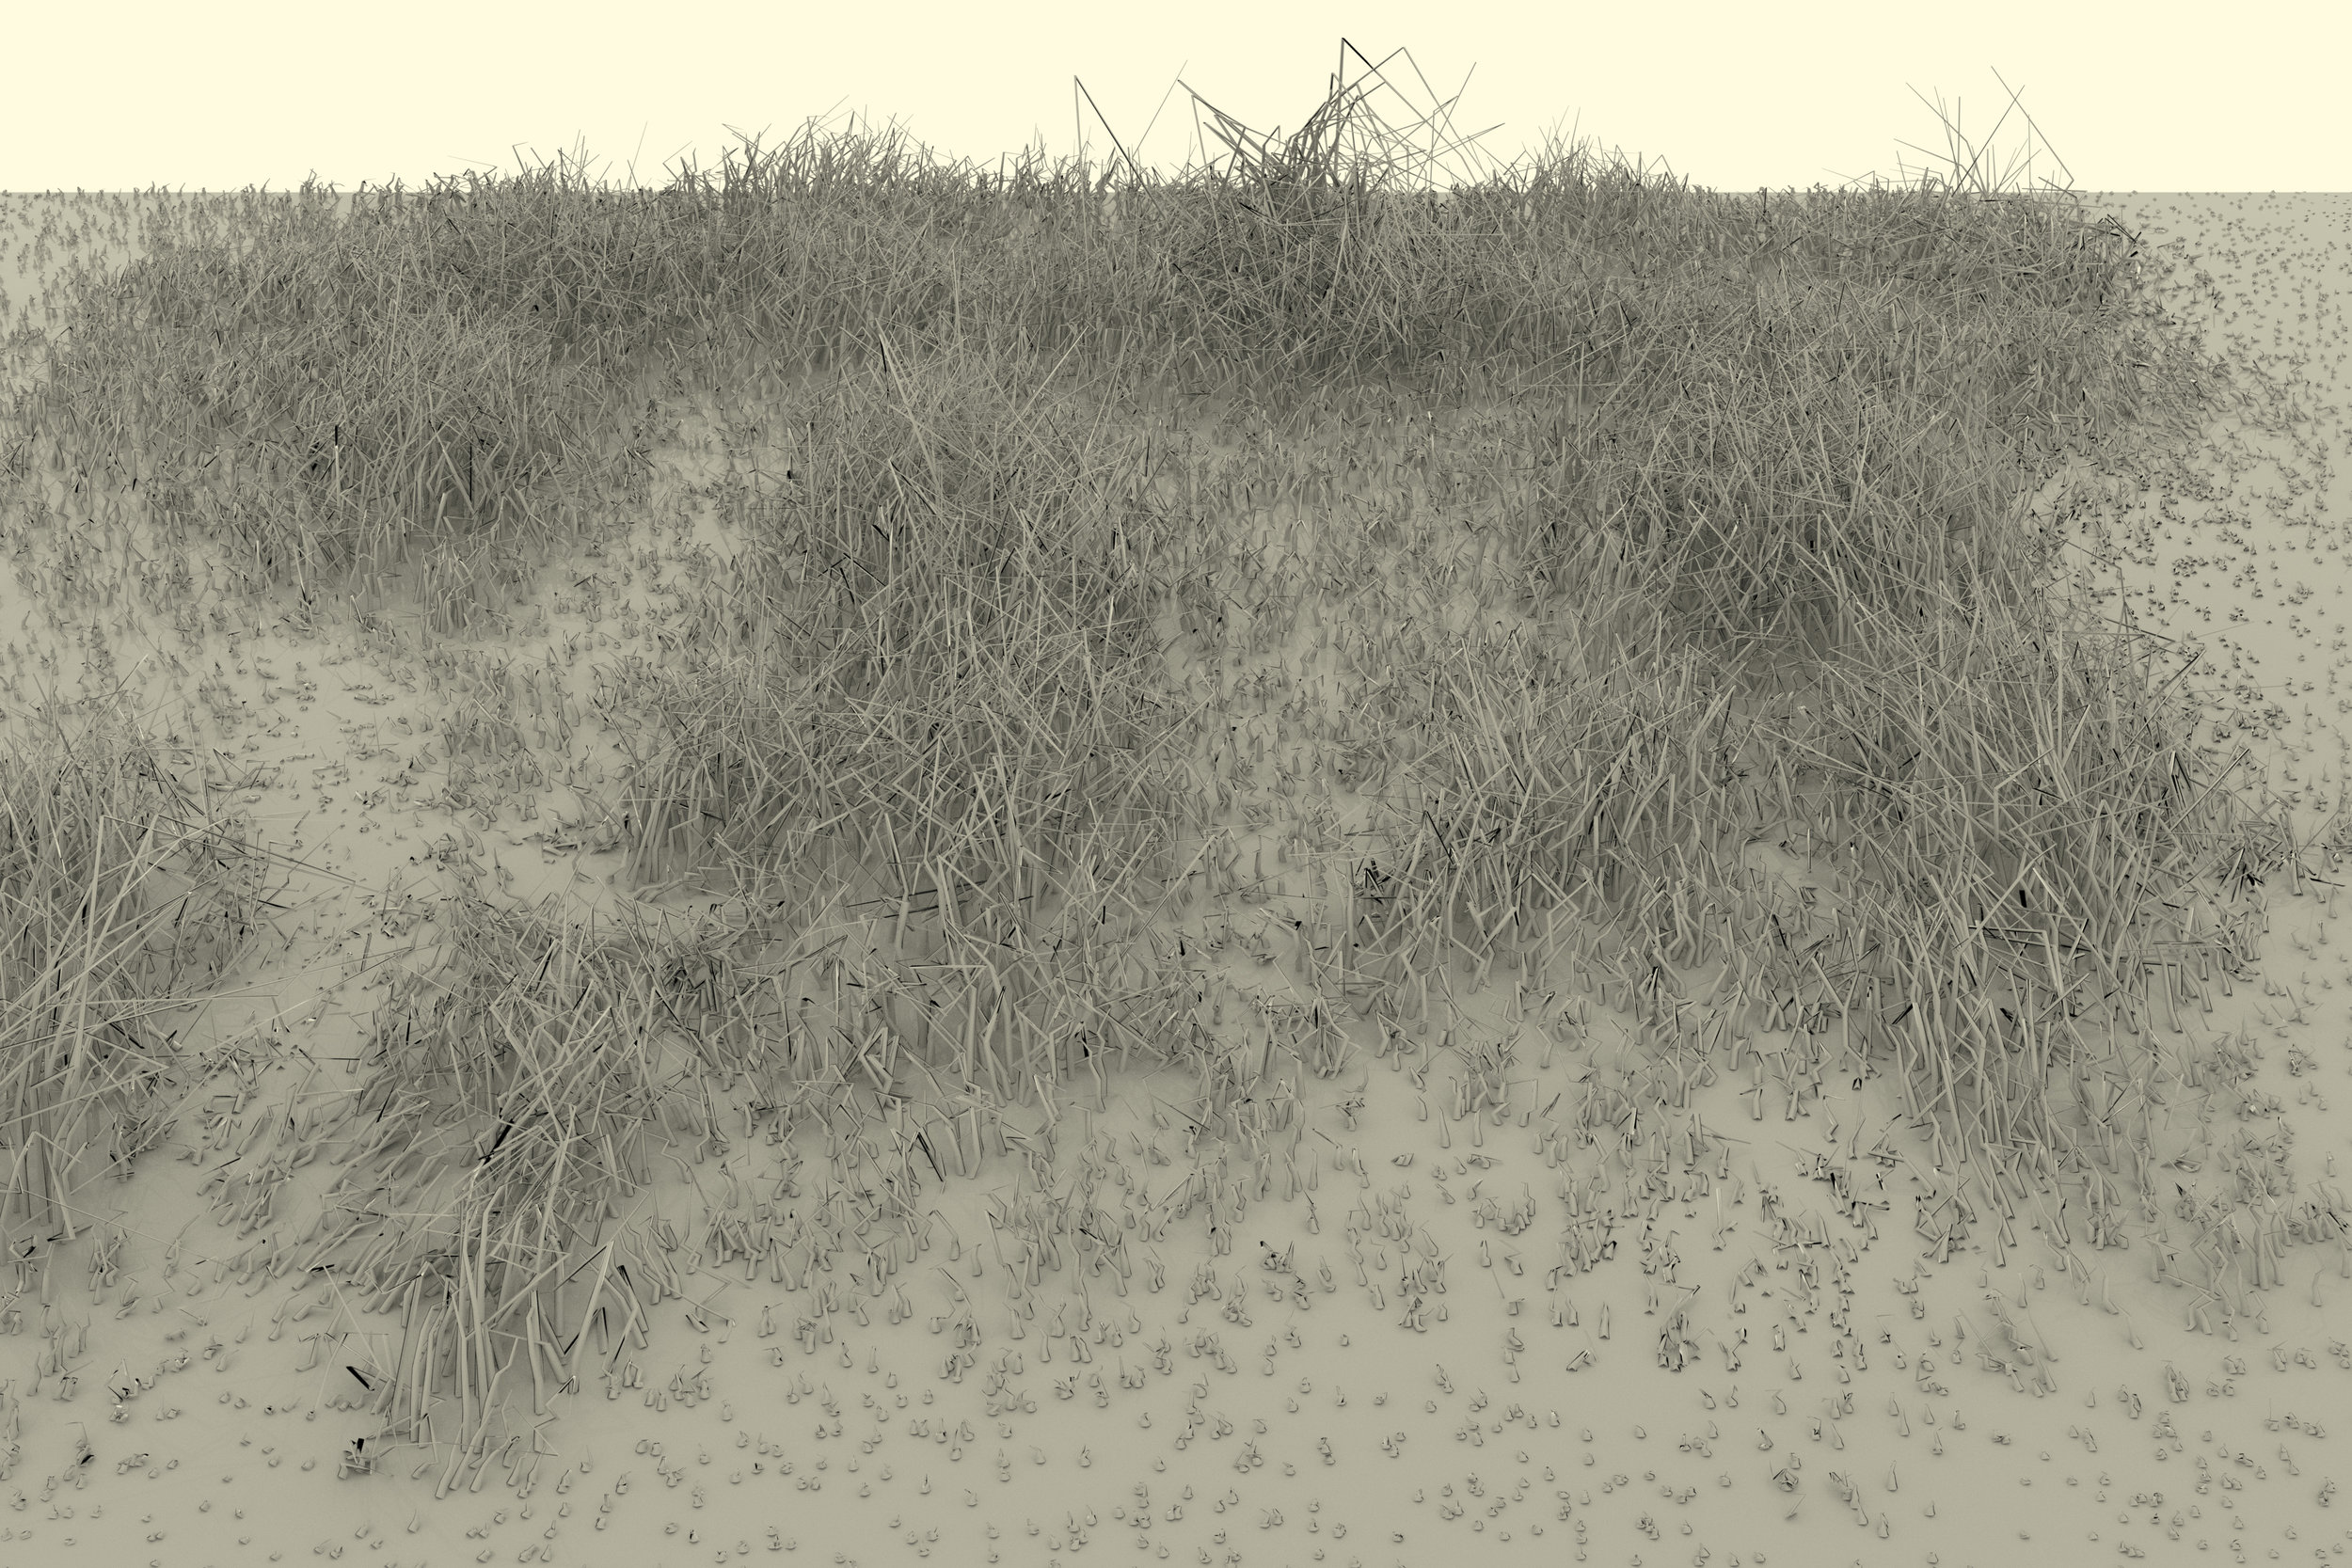 grassscape6.jpg